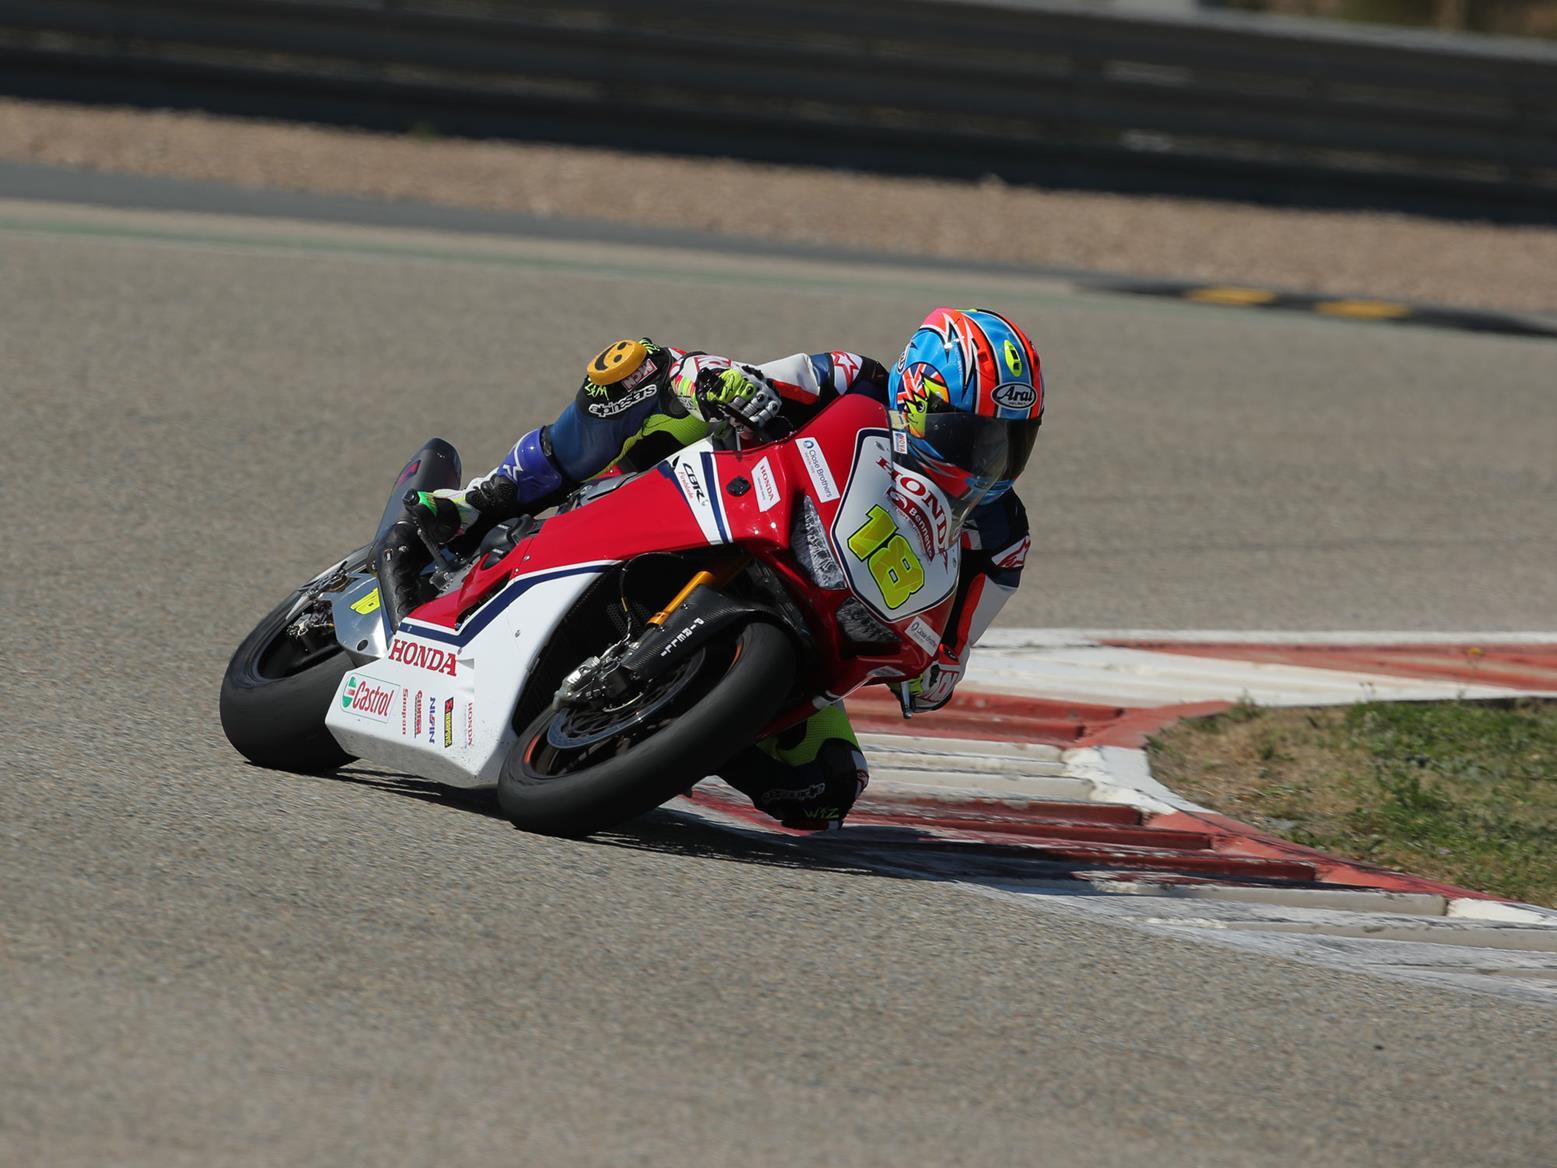 Michael Neeves on the Honda Fireblade British Superbike machine